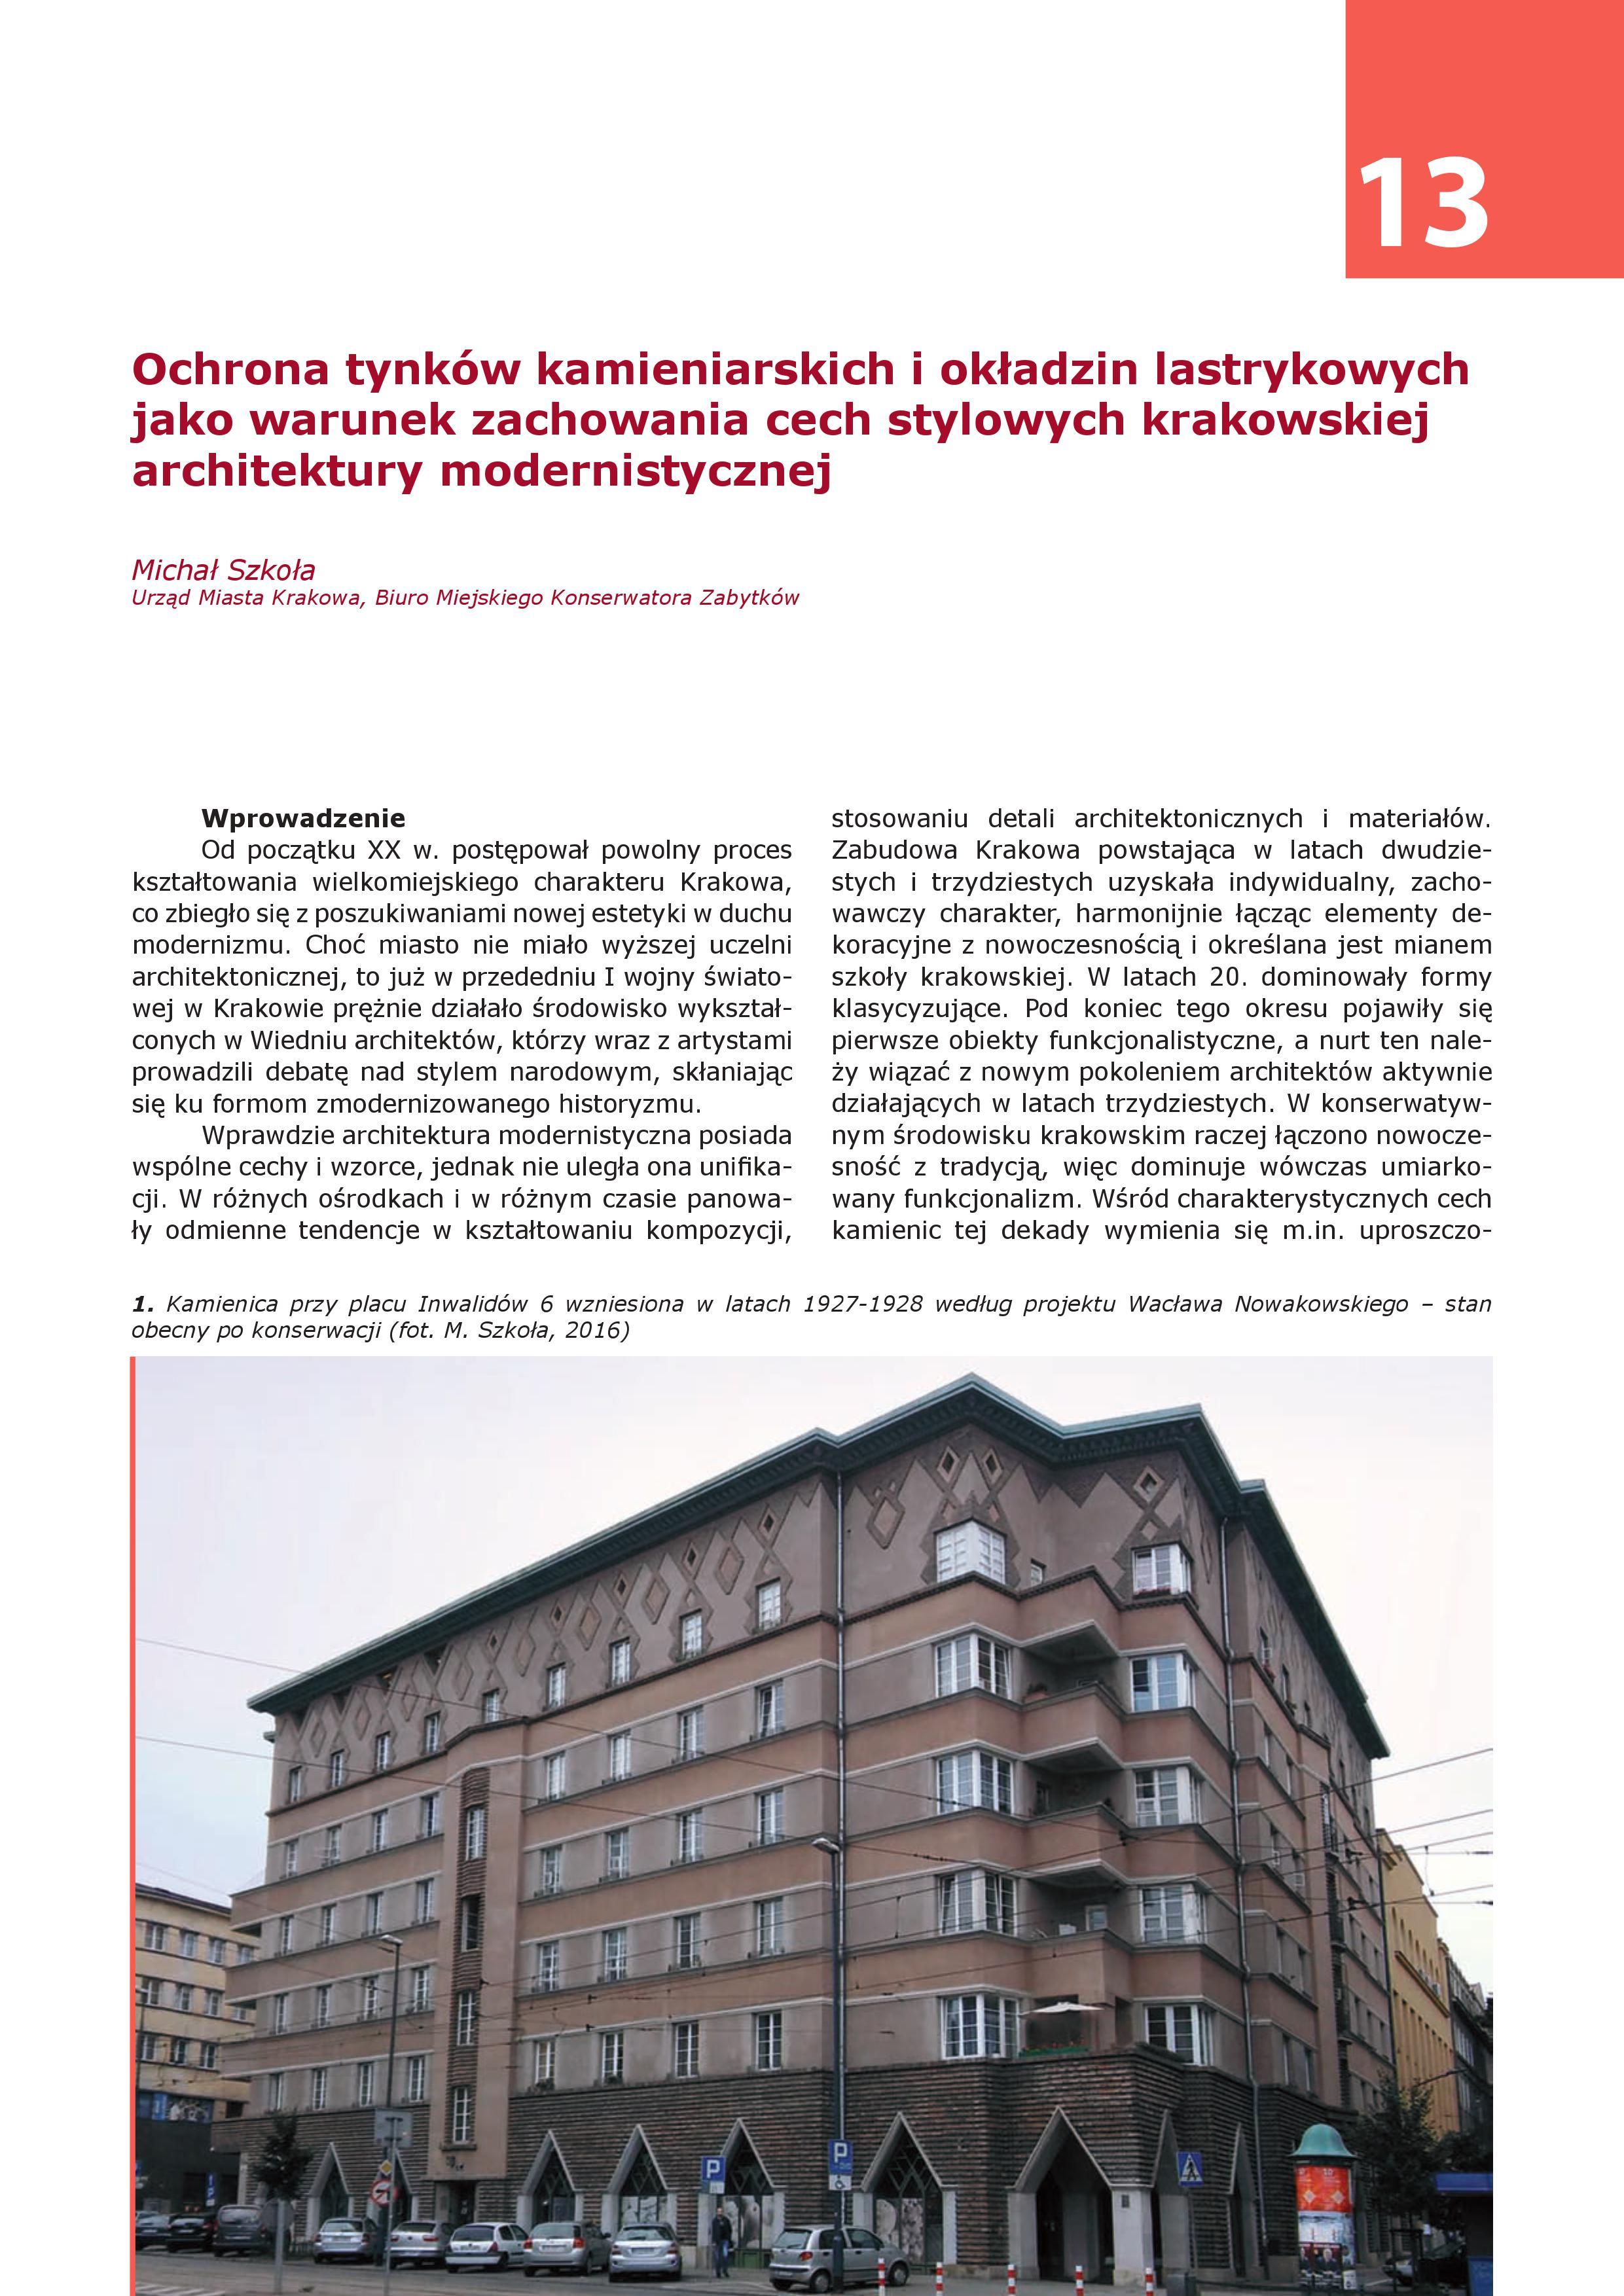 strona publikacji, fragment artykułu Michała Szkoły